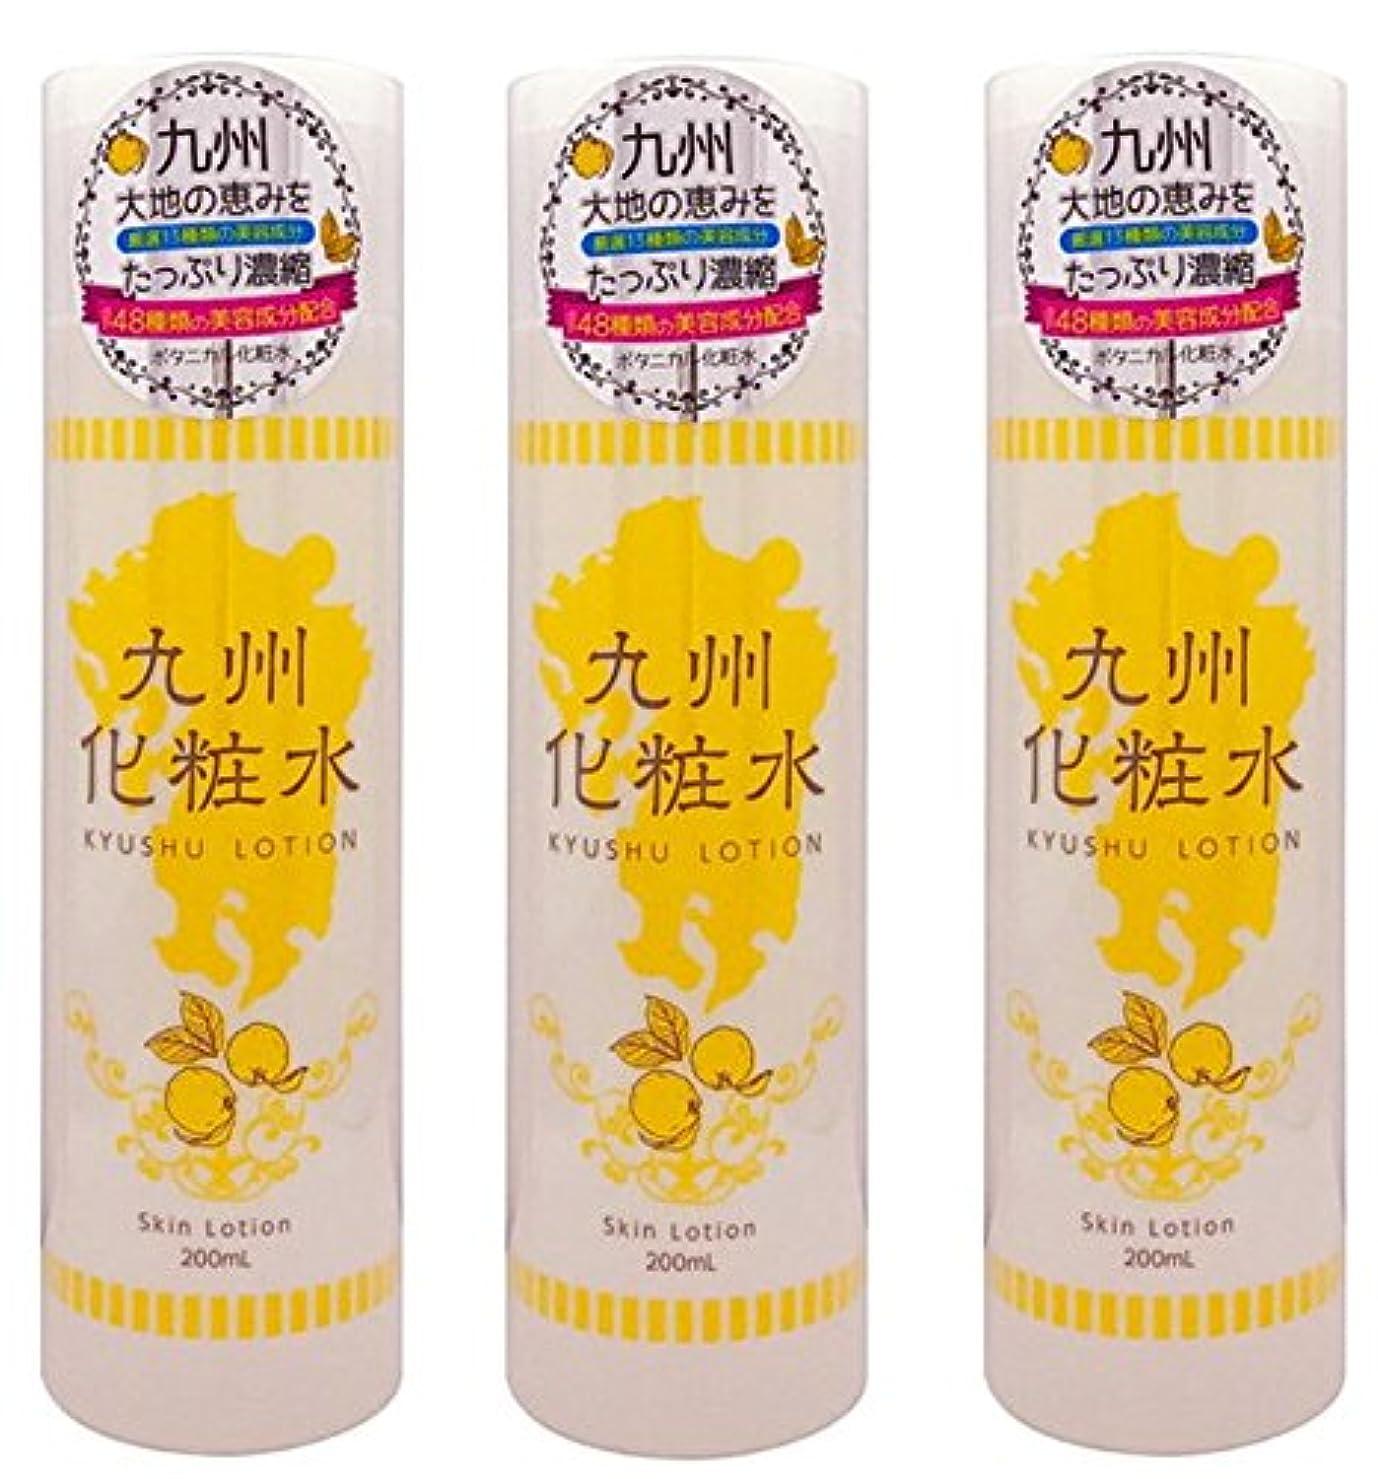 芸術的解明故意に九州化粧水 200ml (ボタニカル化粧水) X 3本セット